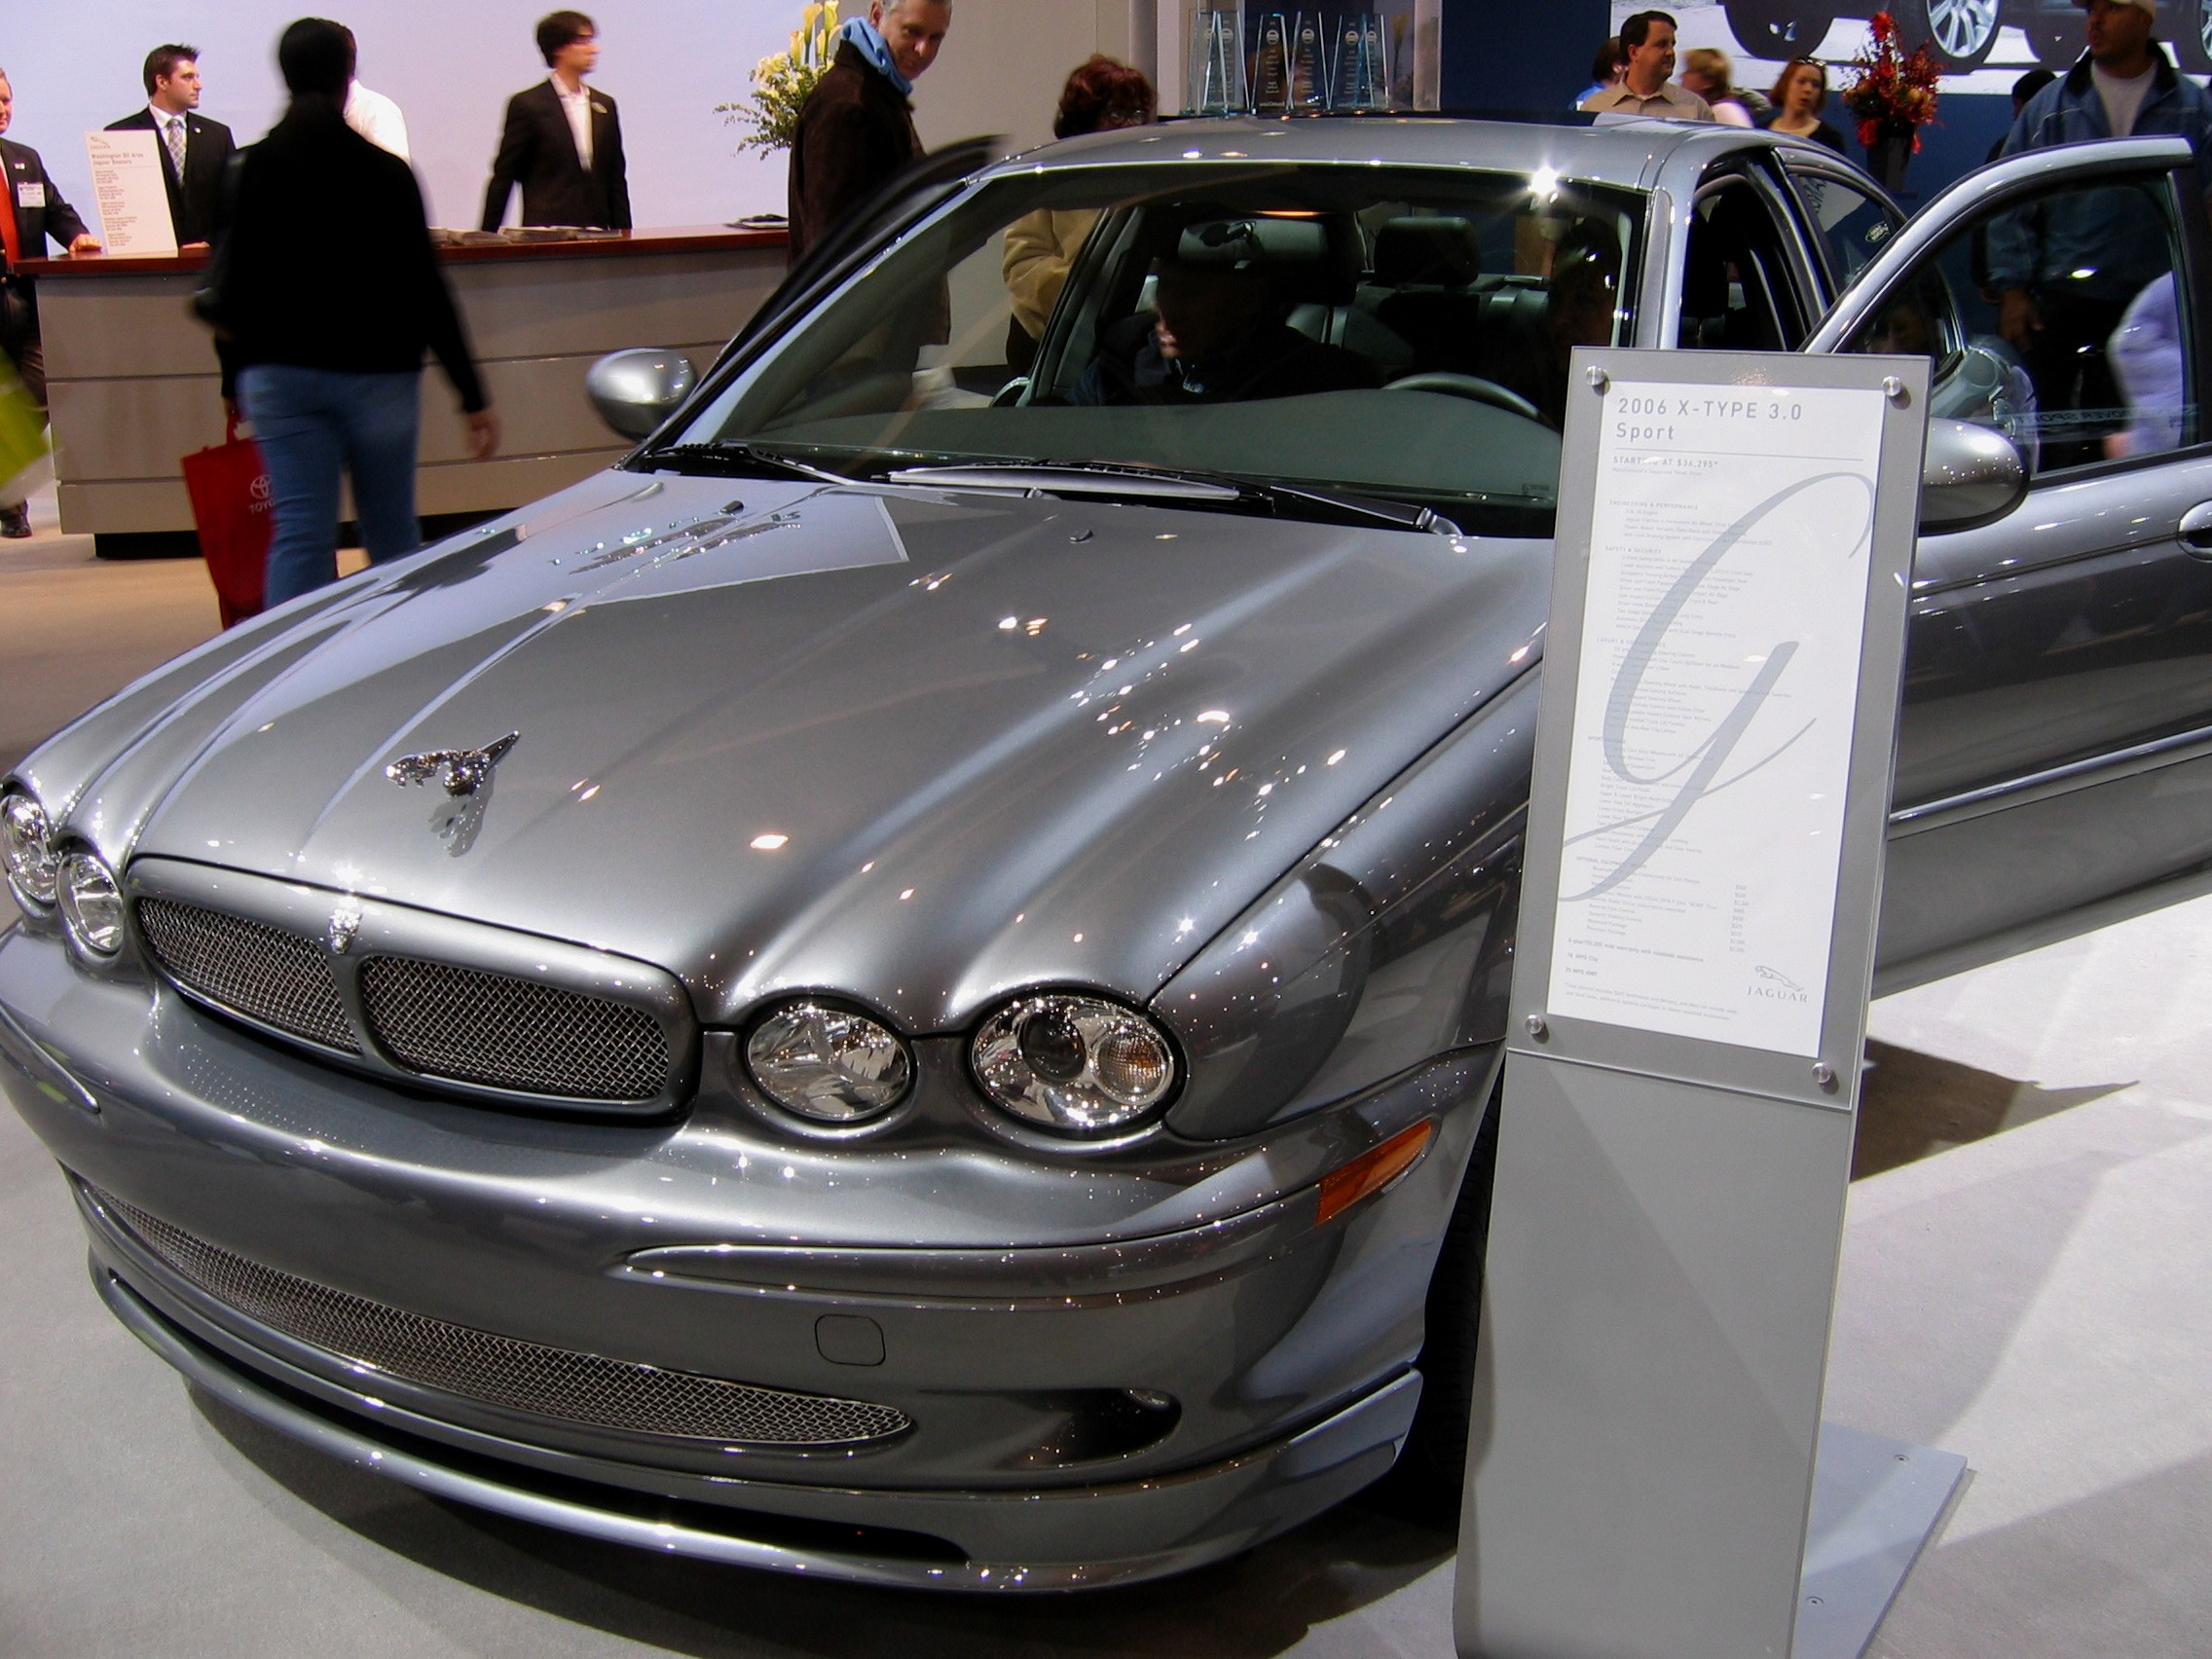 Jaguar X Type 2 0 Diesel Engine Diagram 2 2003 Jaguar X Type X400 – Pictures Information and Specs Auto Of Jaguar X Type 2 0 Diesel Engine Diagram 2